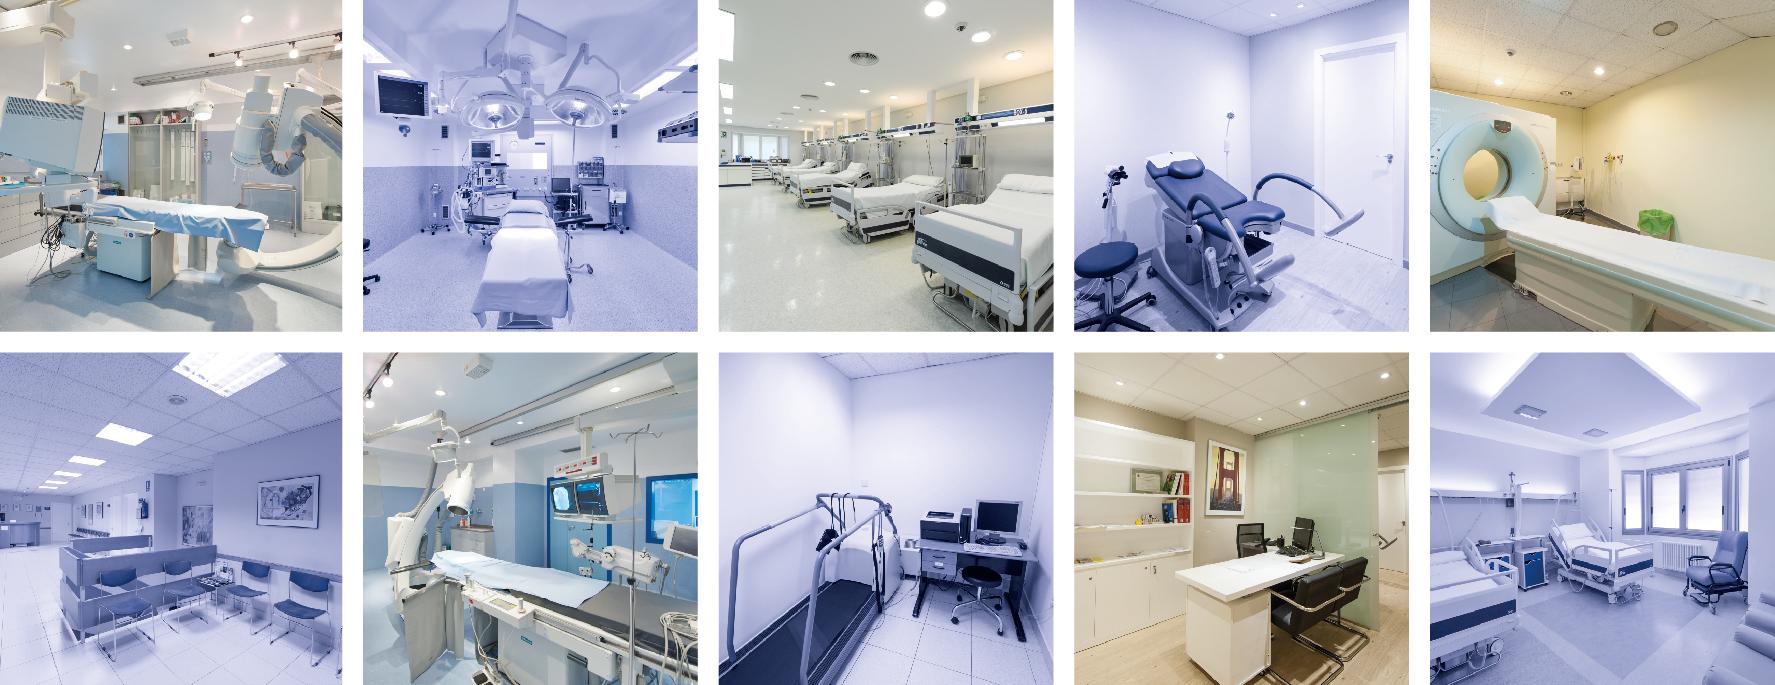 centro-medico-el-carmen-instalaciones